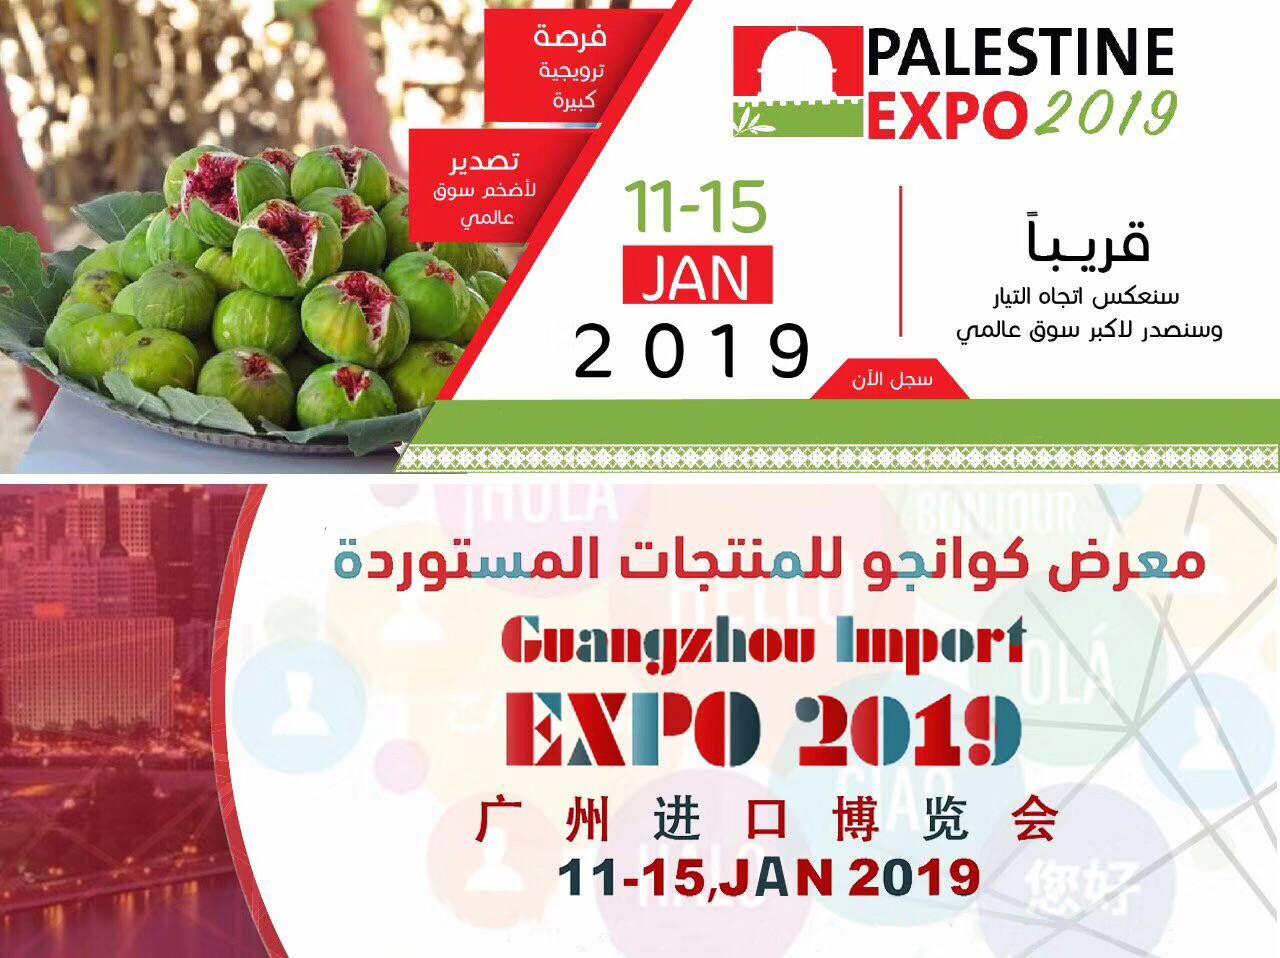 2019广州进口博览会暨2019巴勒斯坦博览会